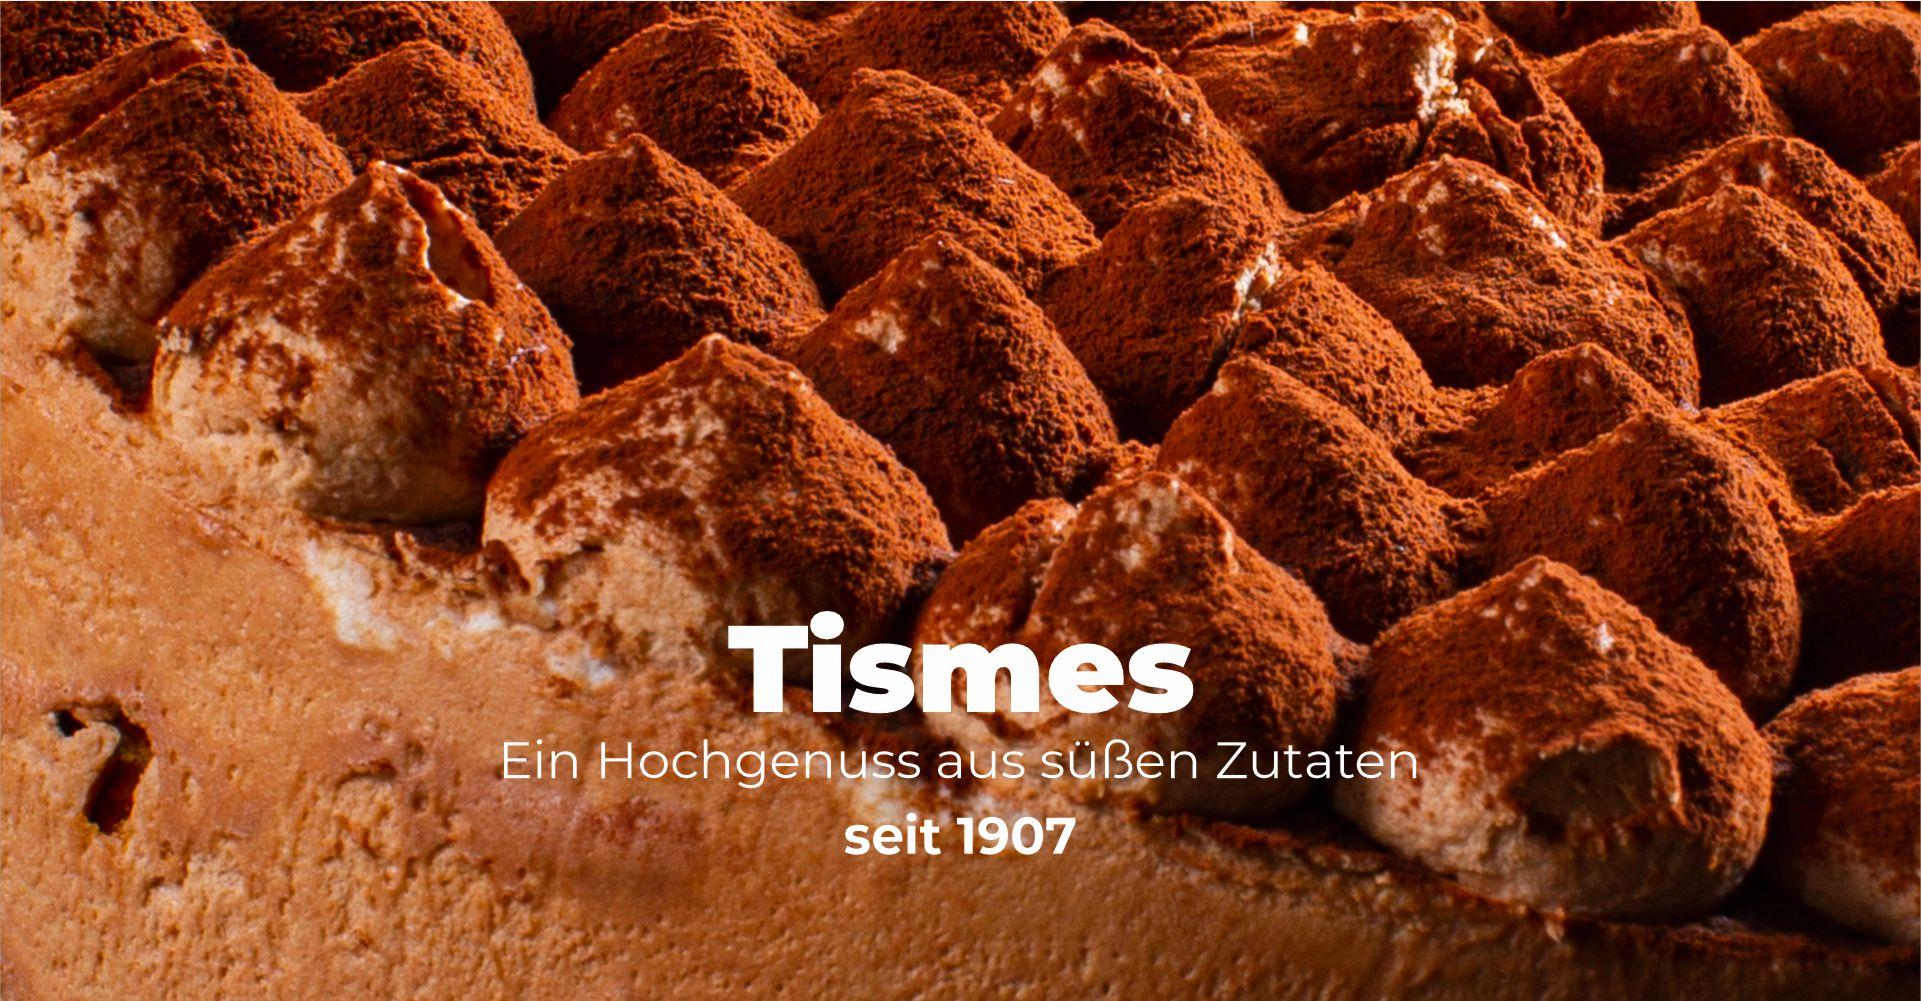 tismes_torten_startseite